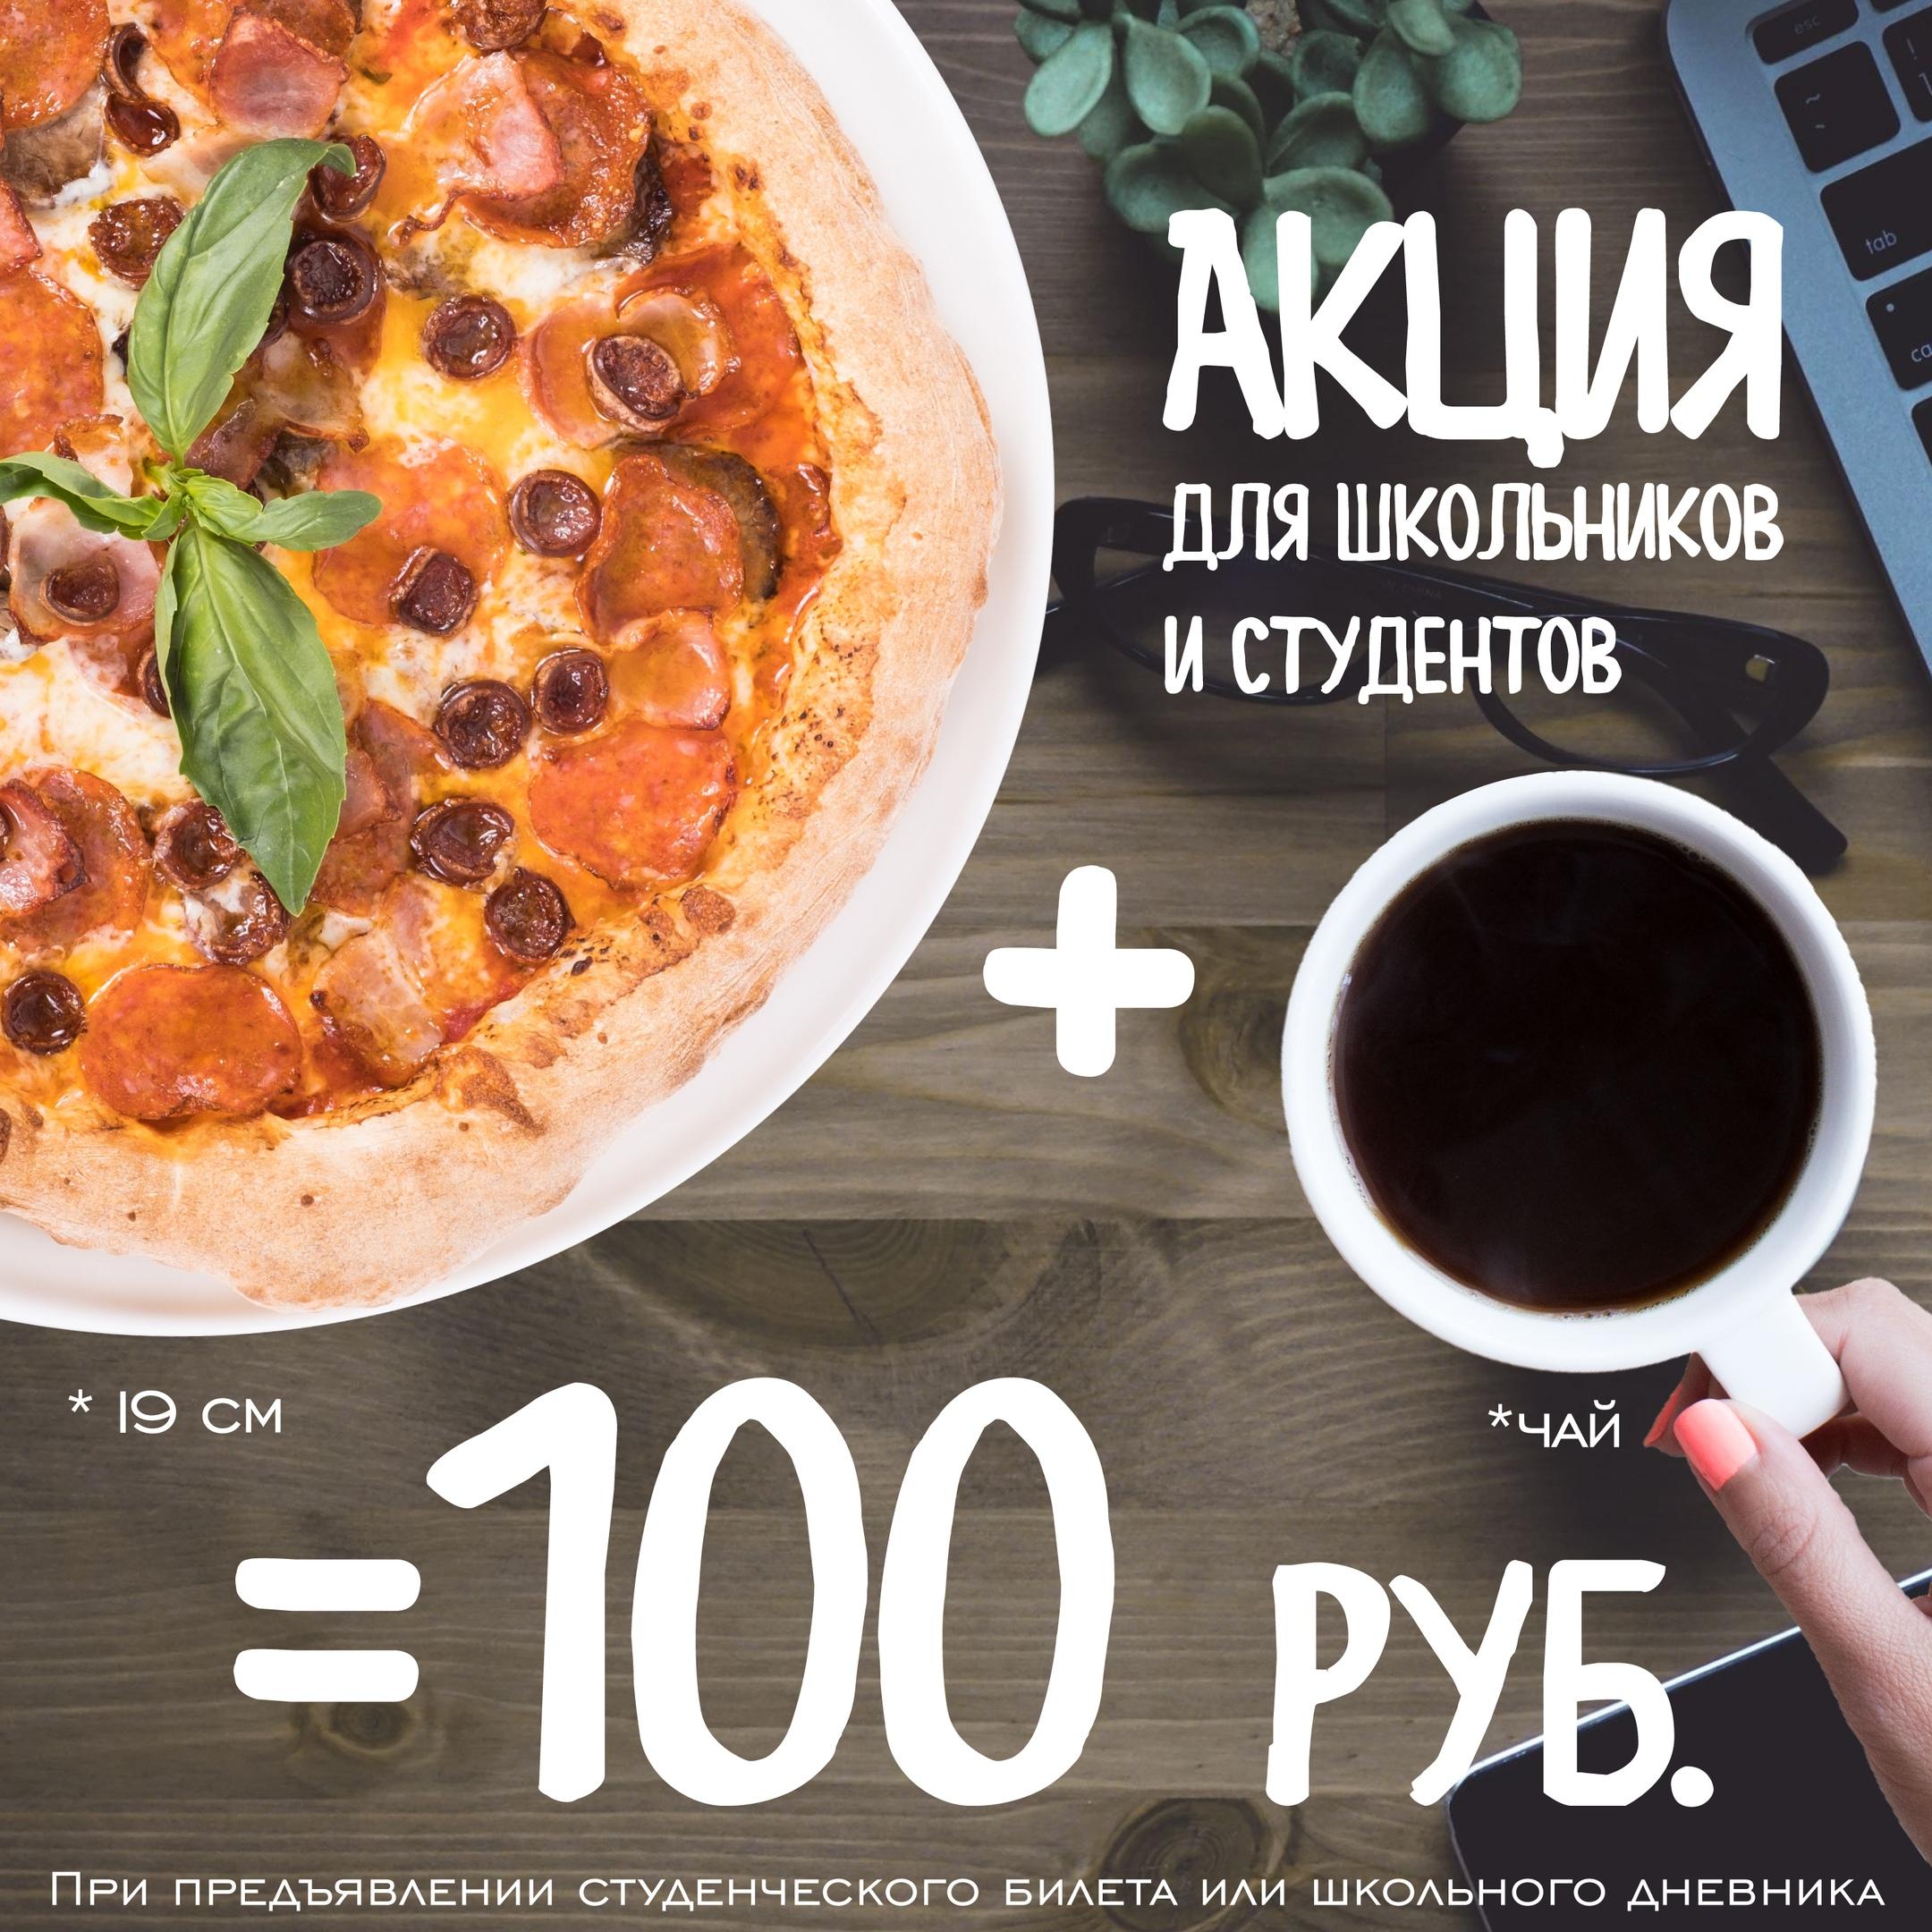 Кафе «Коржик» - Вконтакте